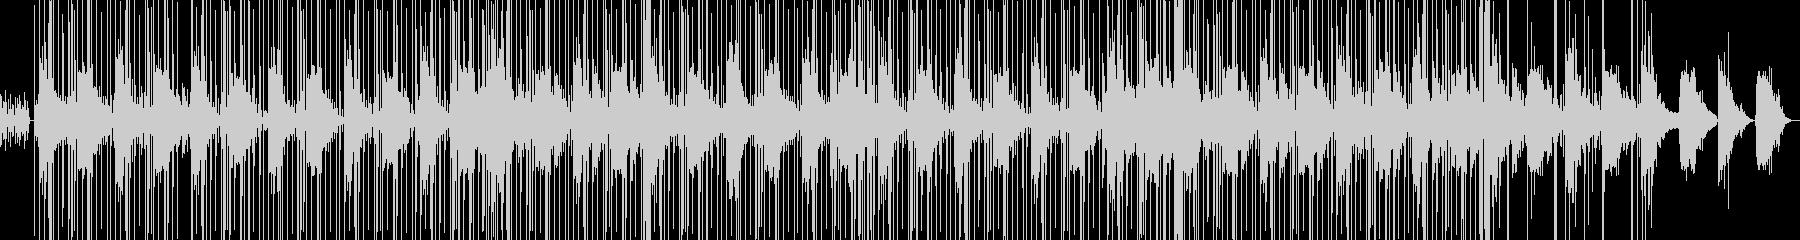 色気のあるピアノHipHop/JIINOの未再生の波形